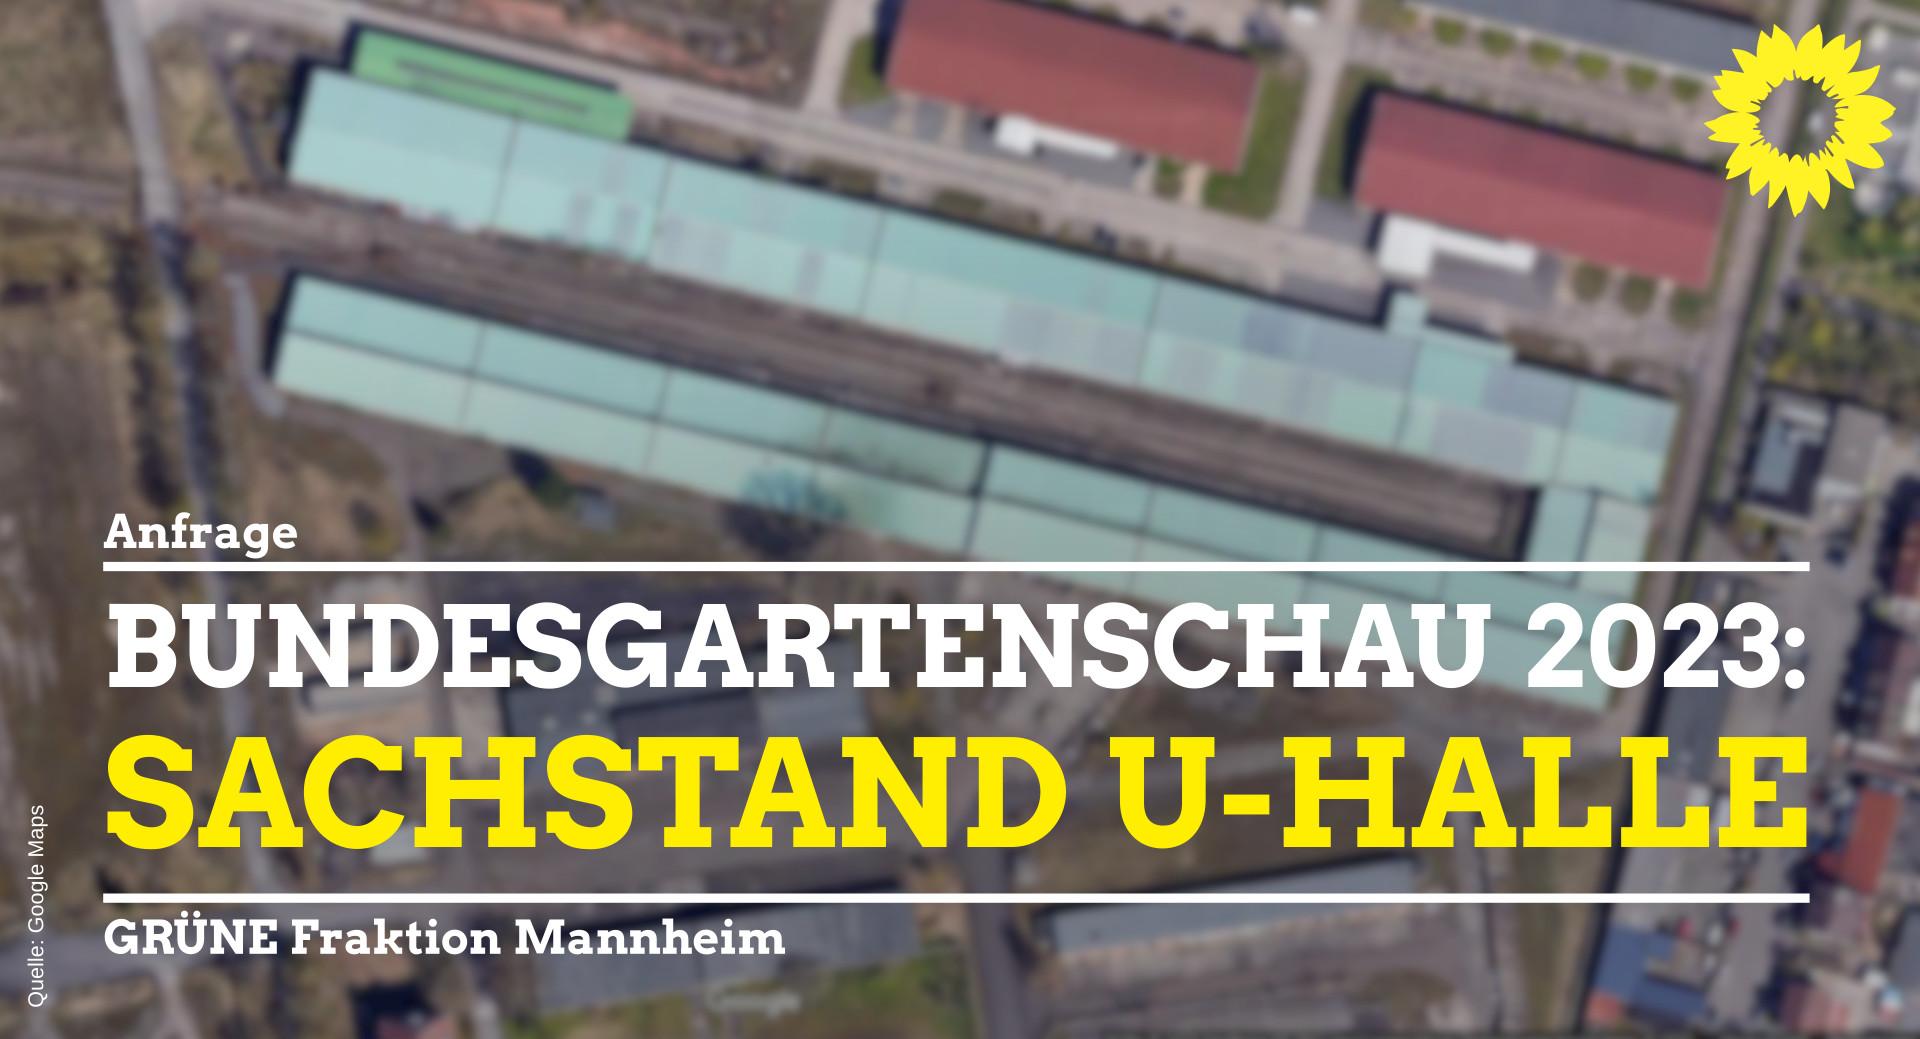 Sachstand U-Halle